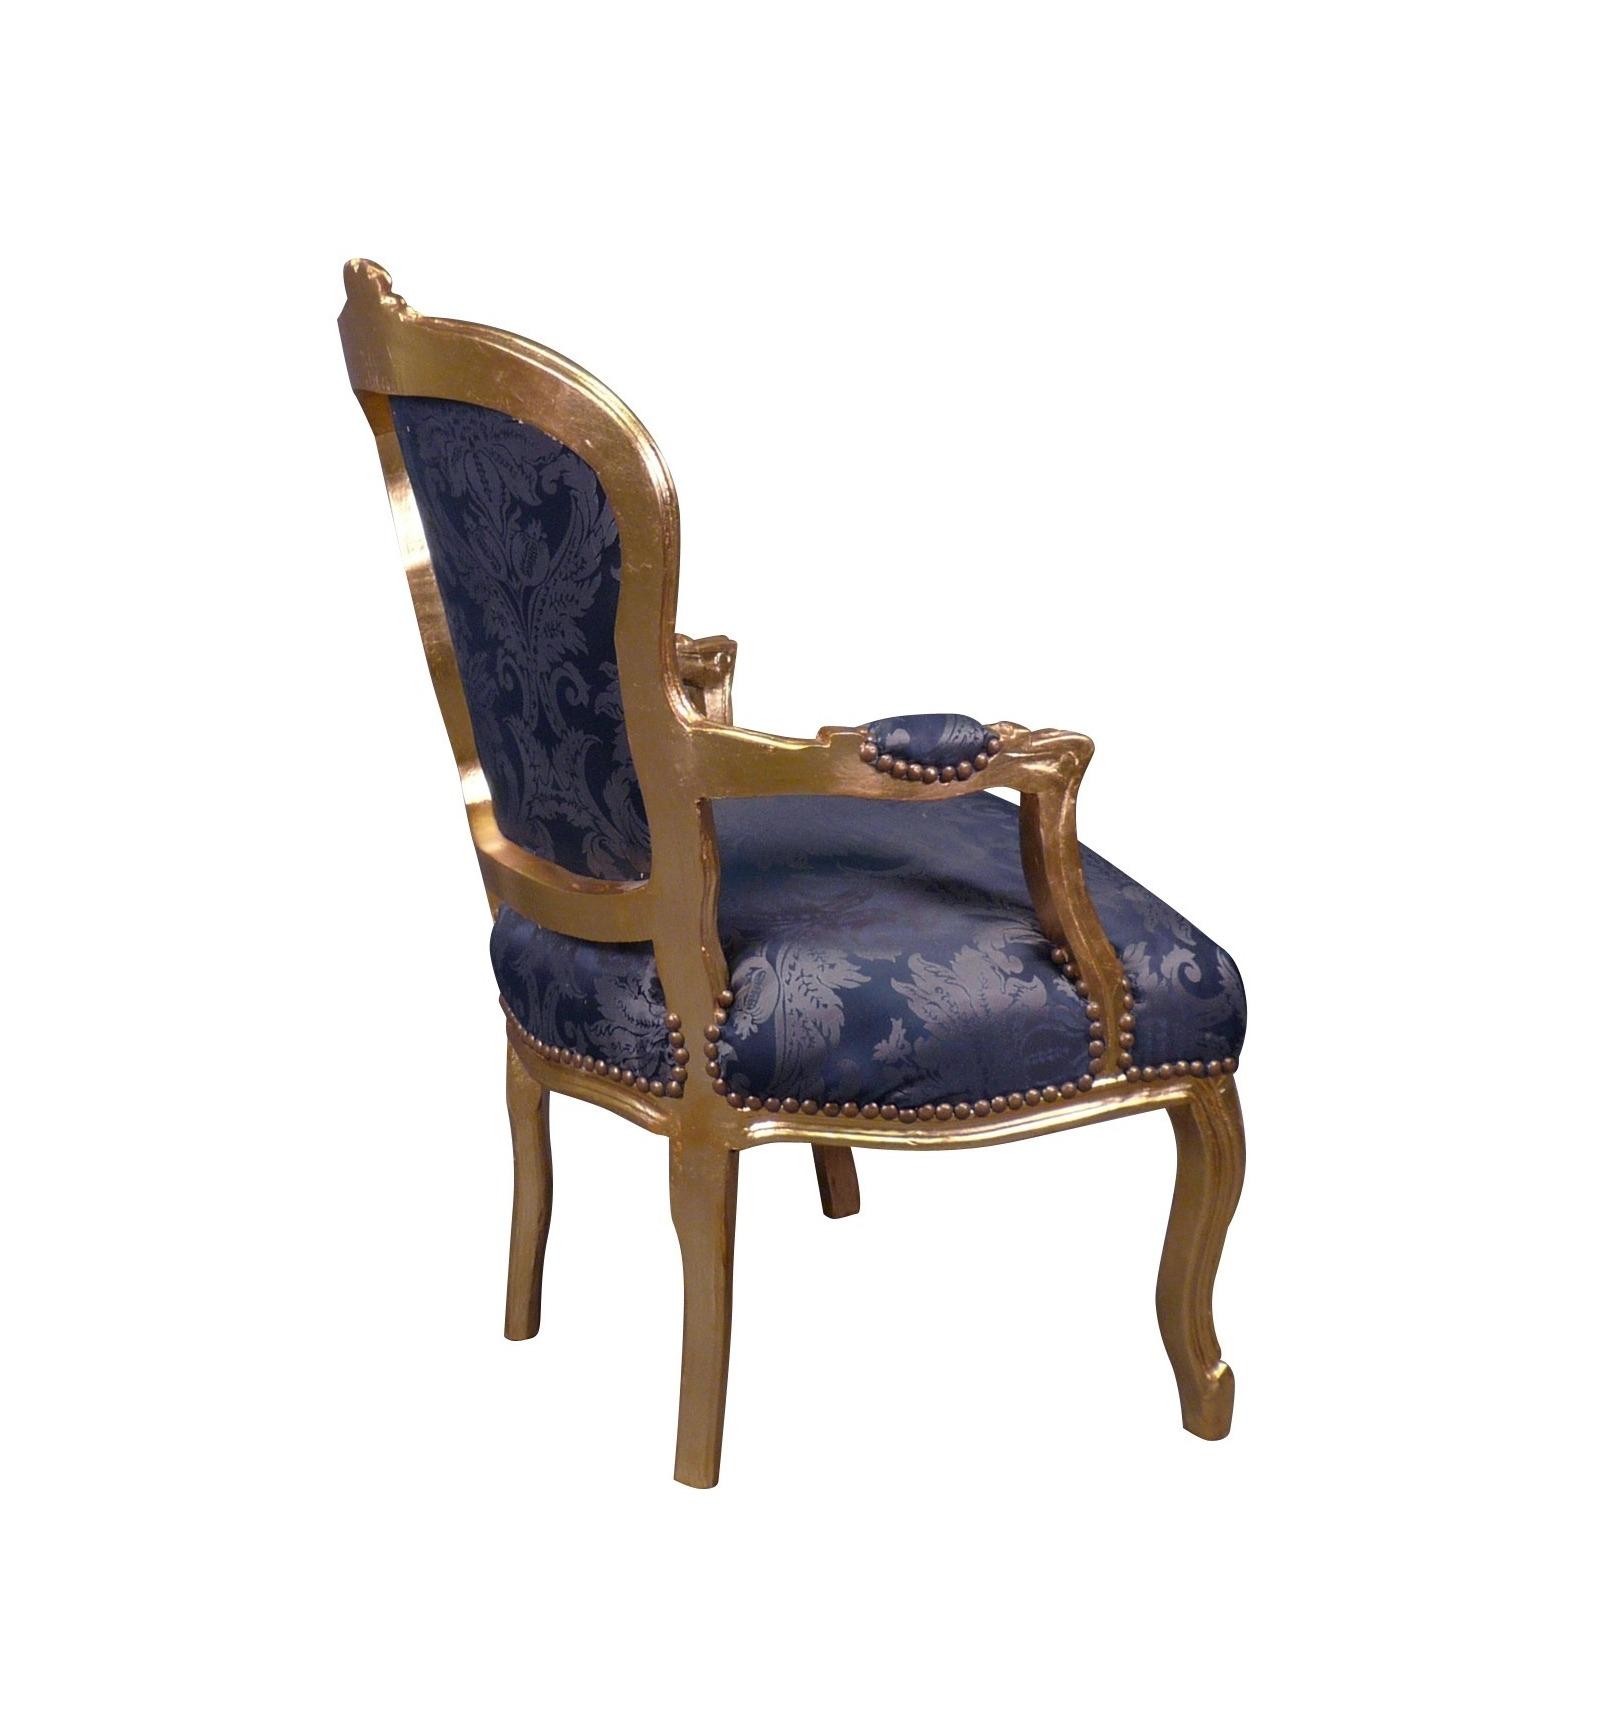 fauteuil louis xv bleu roi meubles et assises louis xv. Black Bedroom Furniture Sets. Home Design Ideas